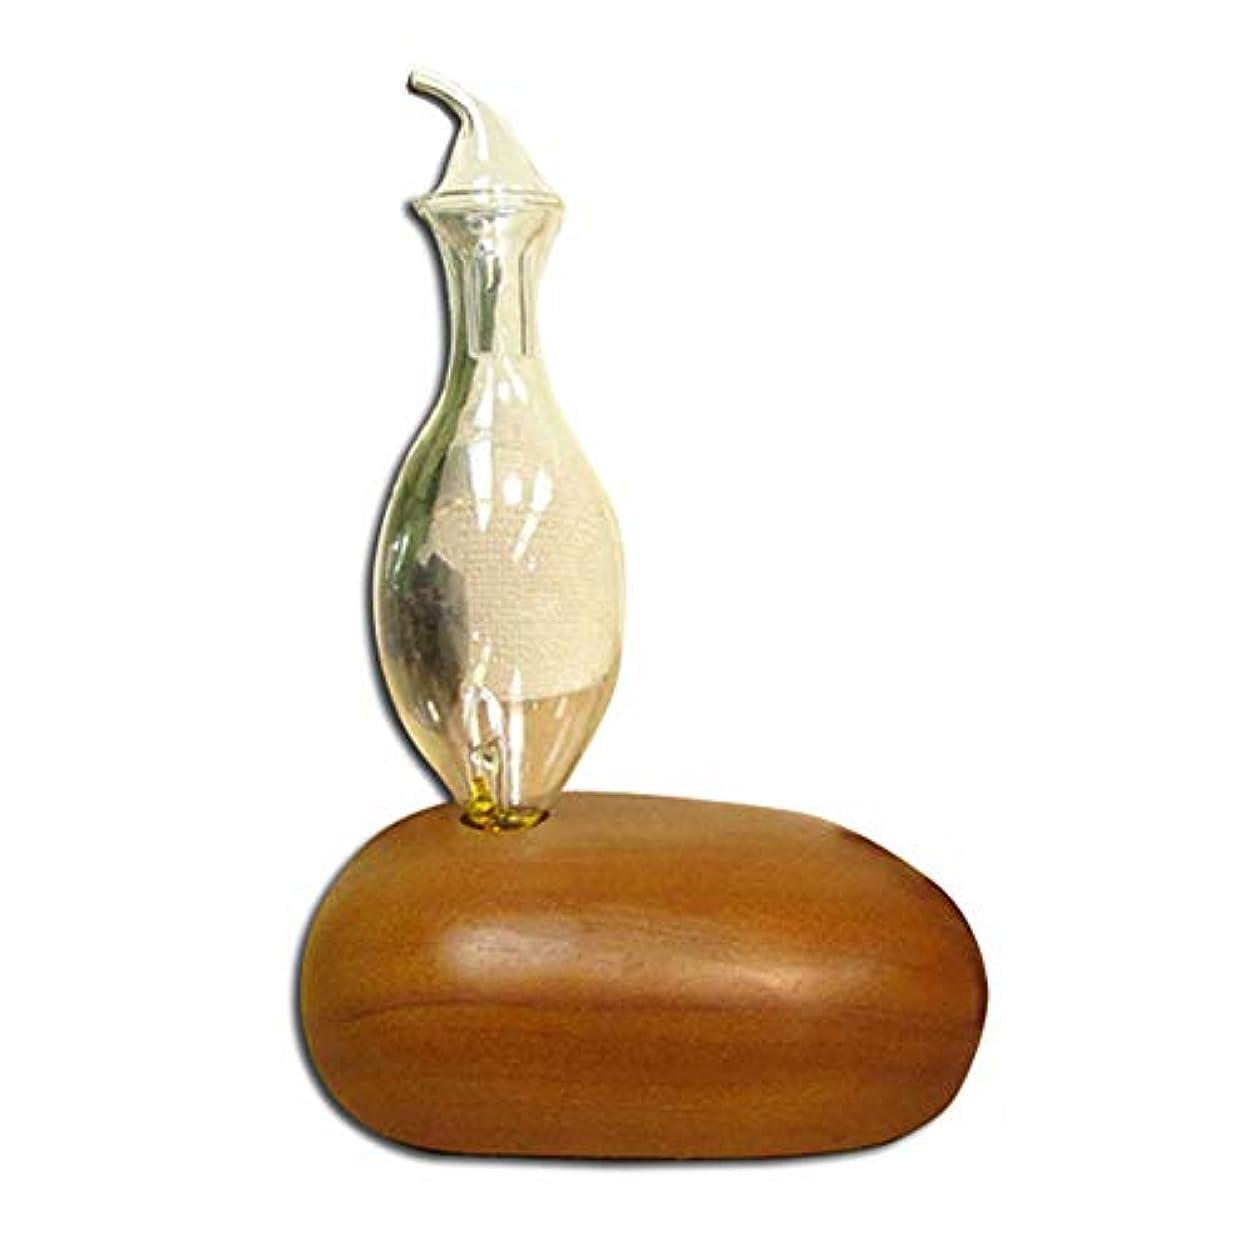 師匠怖がらせるアコー専用アロマディフューザー WOOD アロマオイル ピュア100% エッセンシャルオイルディフューザー ピュアオイル ガラス 木製 木目